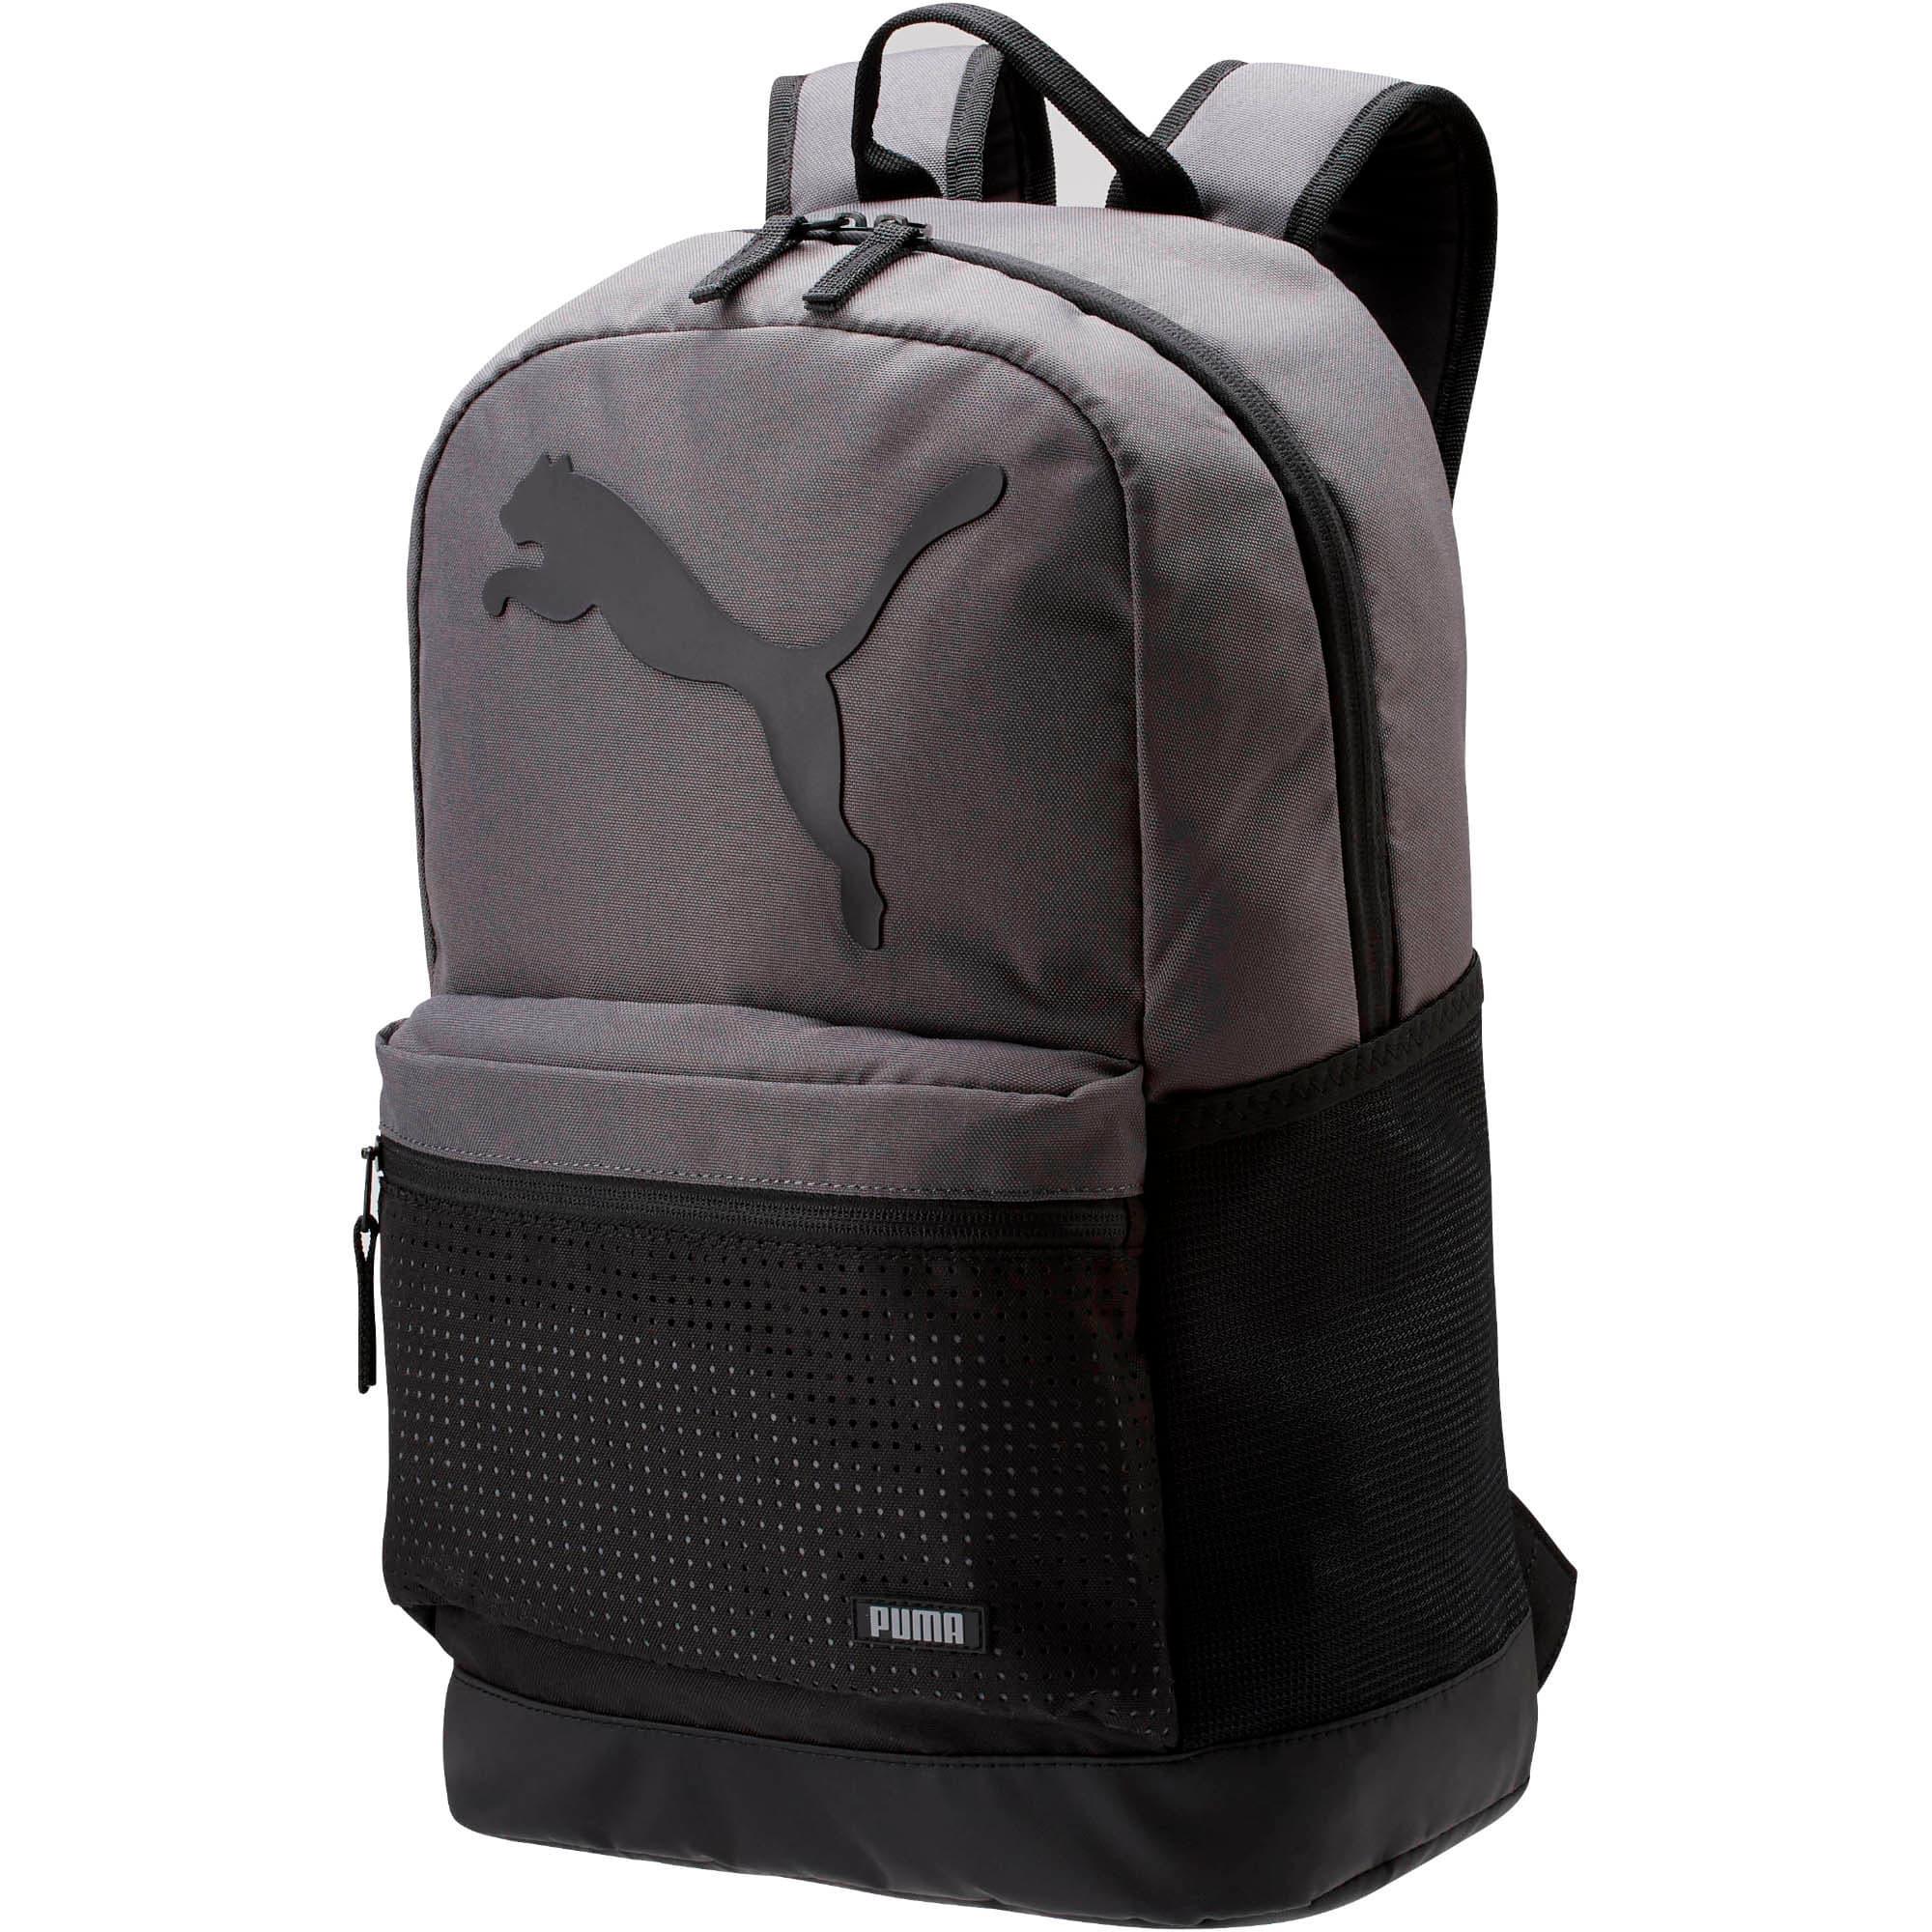 Thumbnail 1 of PUMA Generator 2.0 Backpack, Dark Grey, medium